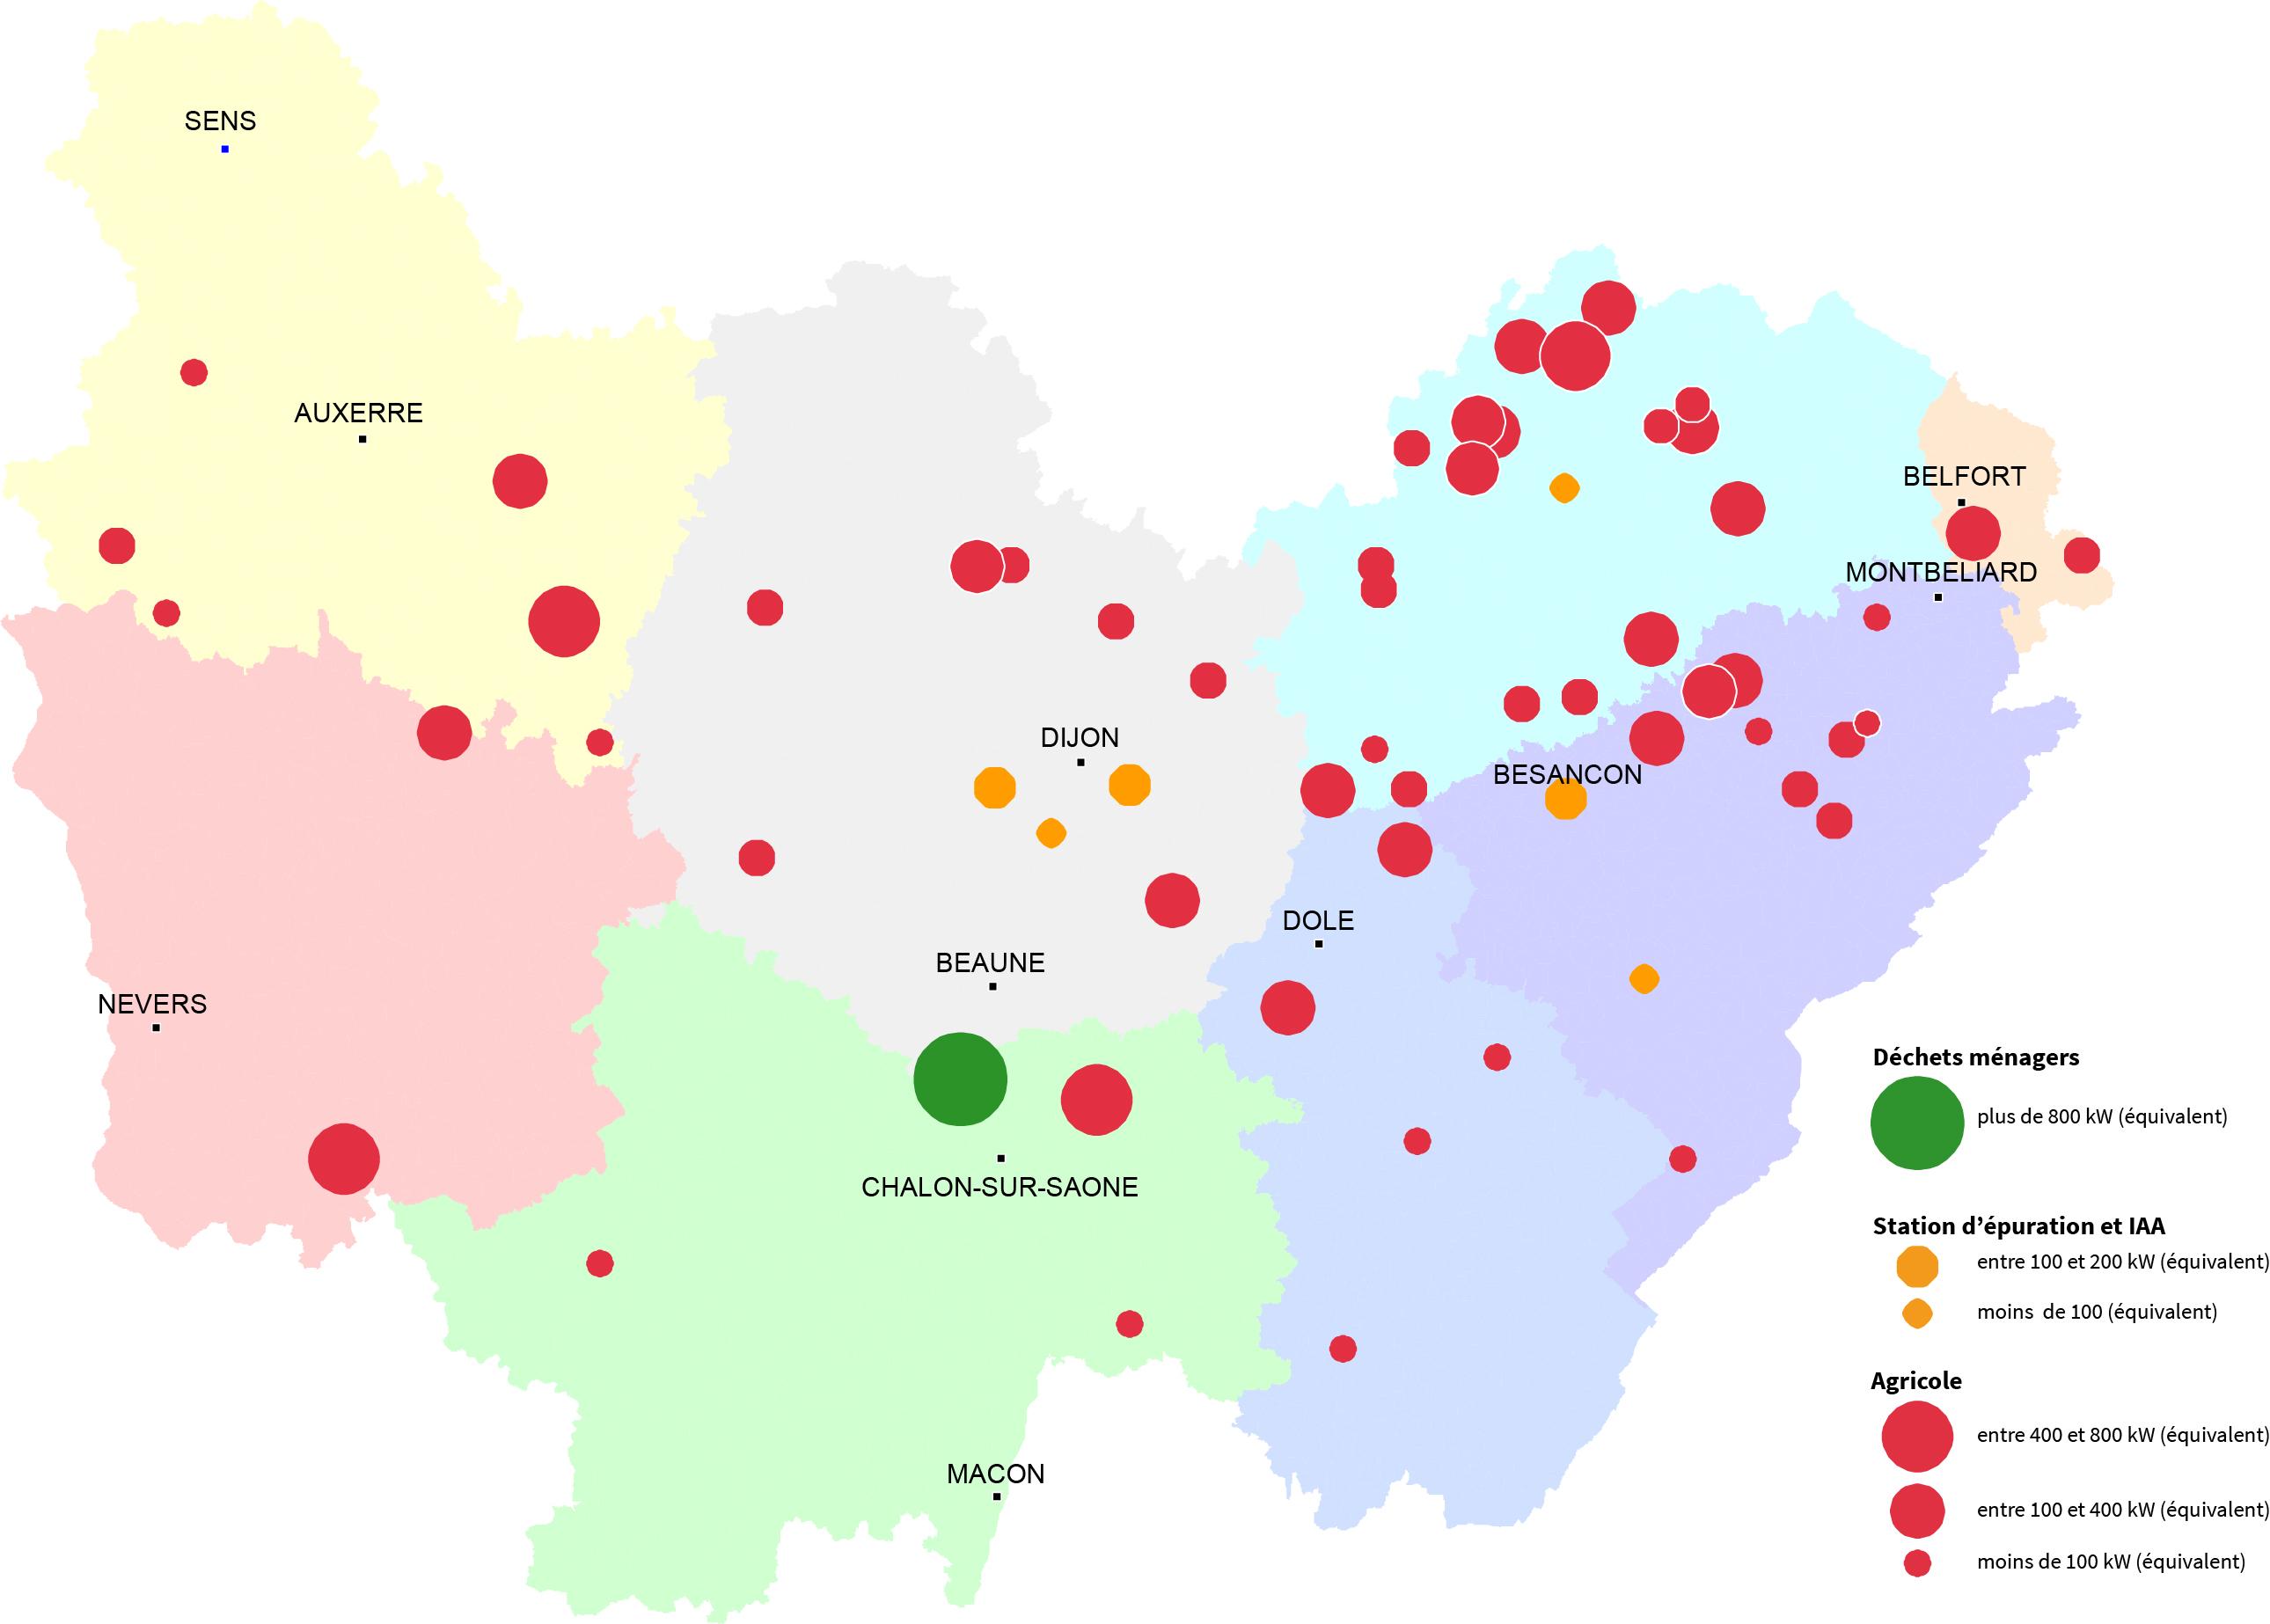 Les différents types d'installations de méthanisation en Bourgogne-Franche-Comté (en fonctionnement ou en construction au 1er janvier 2019)